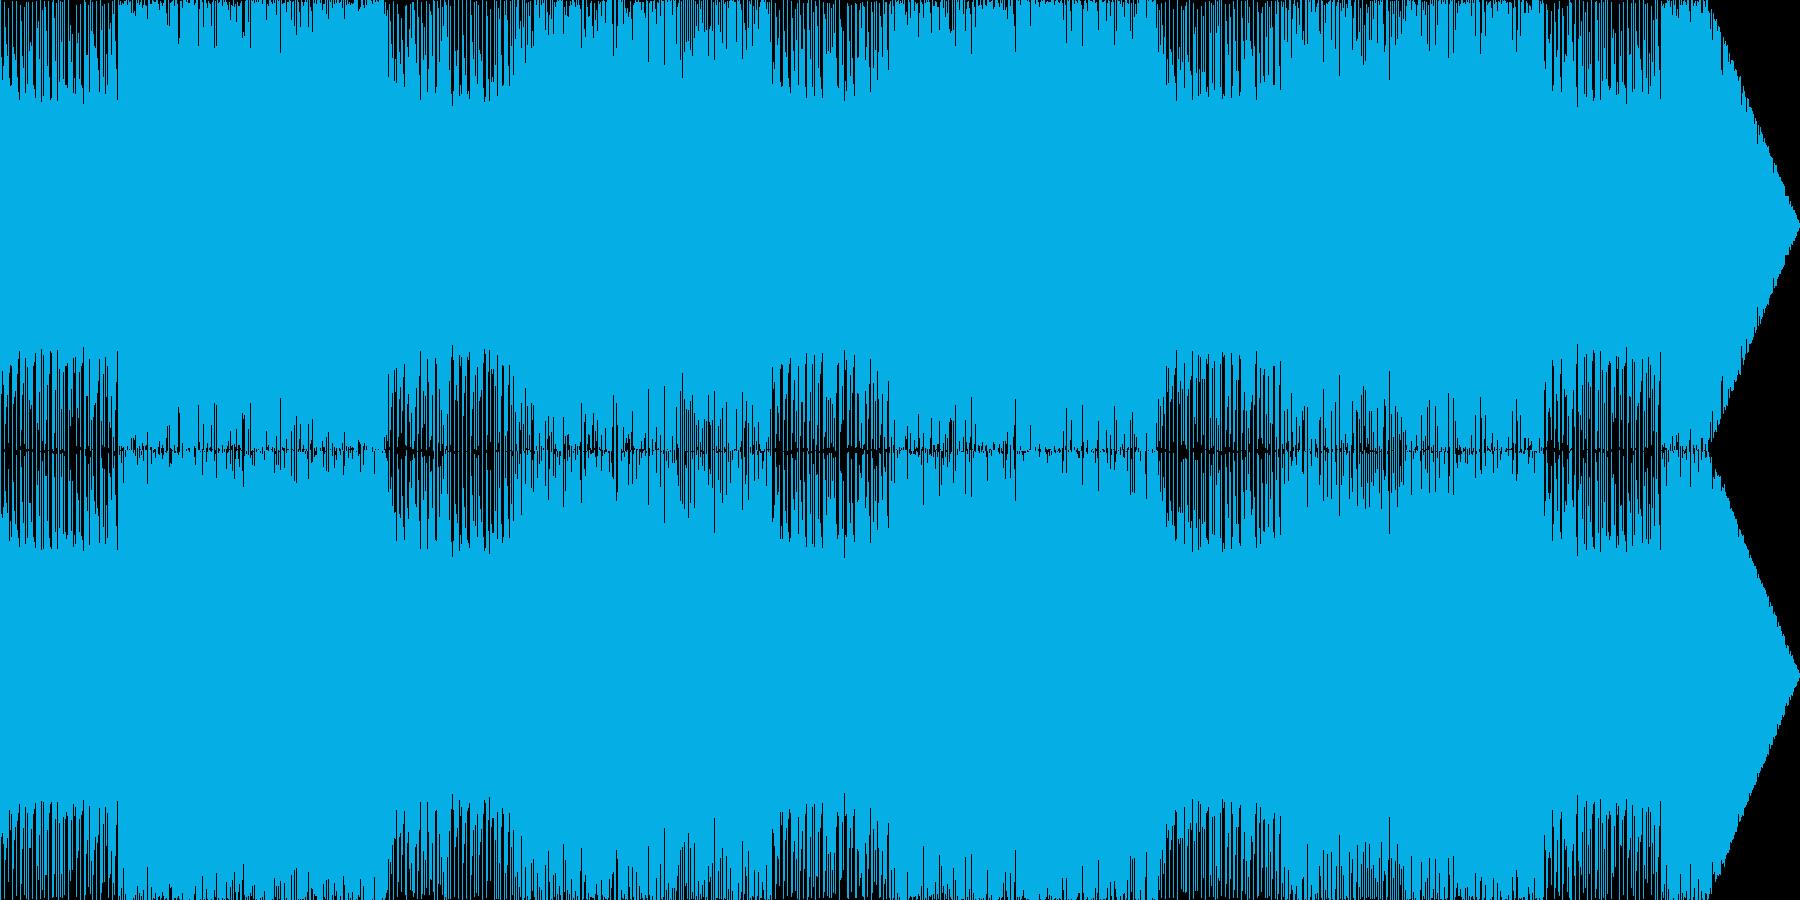 ベース効いたハードなロック、メタル調の曲の再生済みの波形